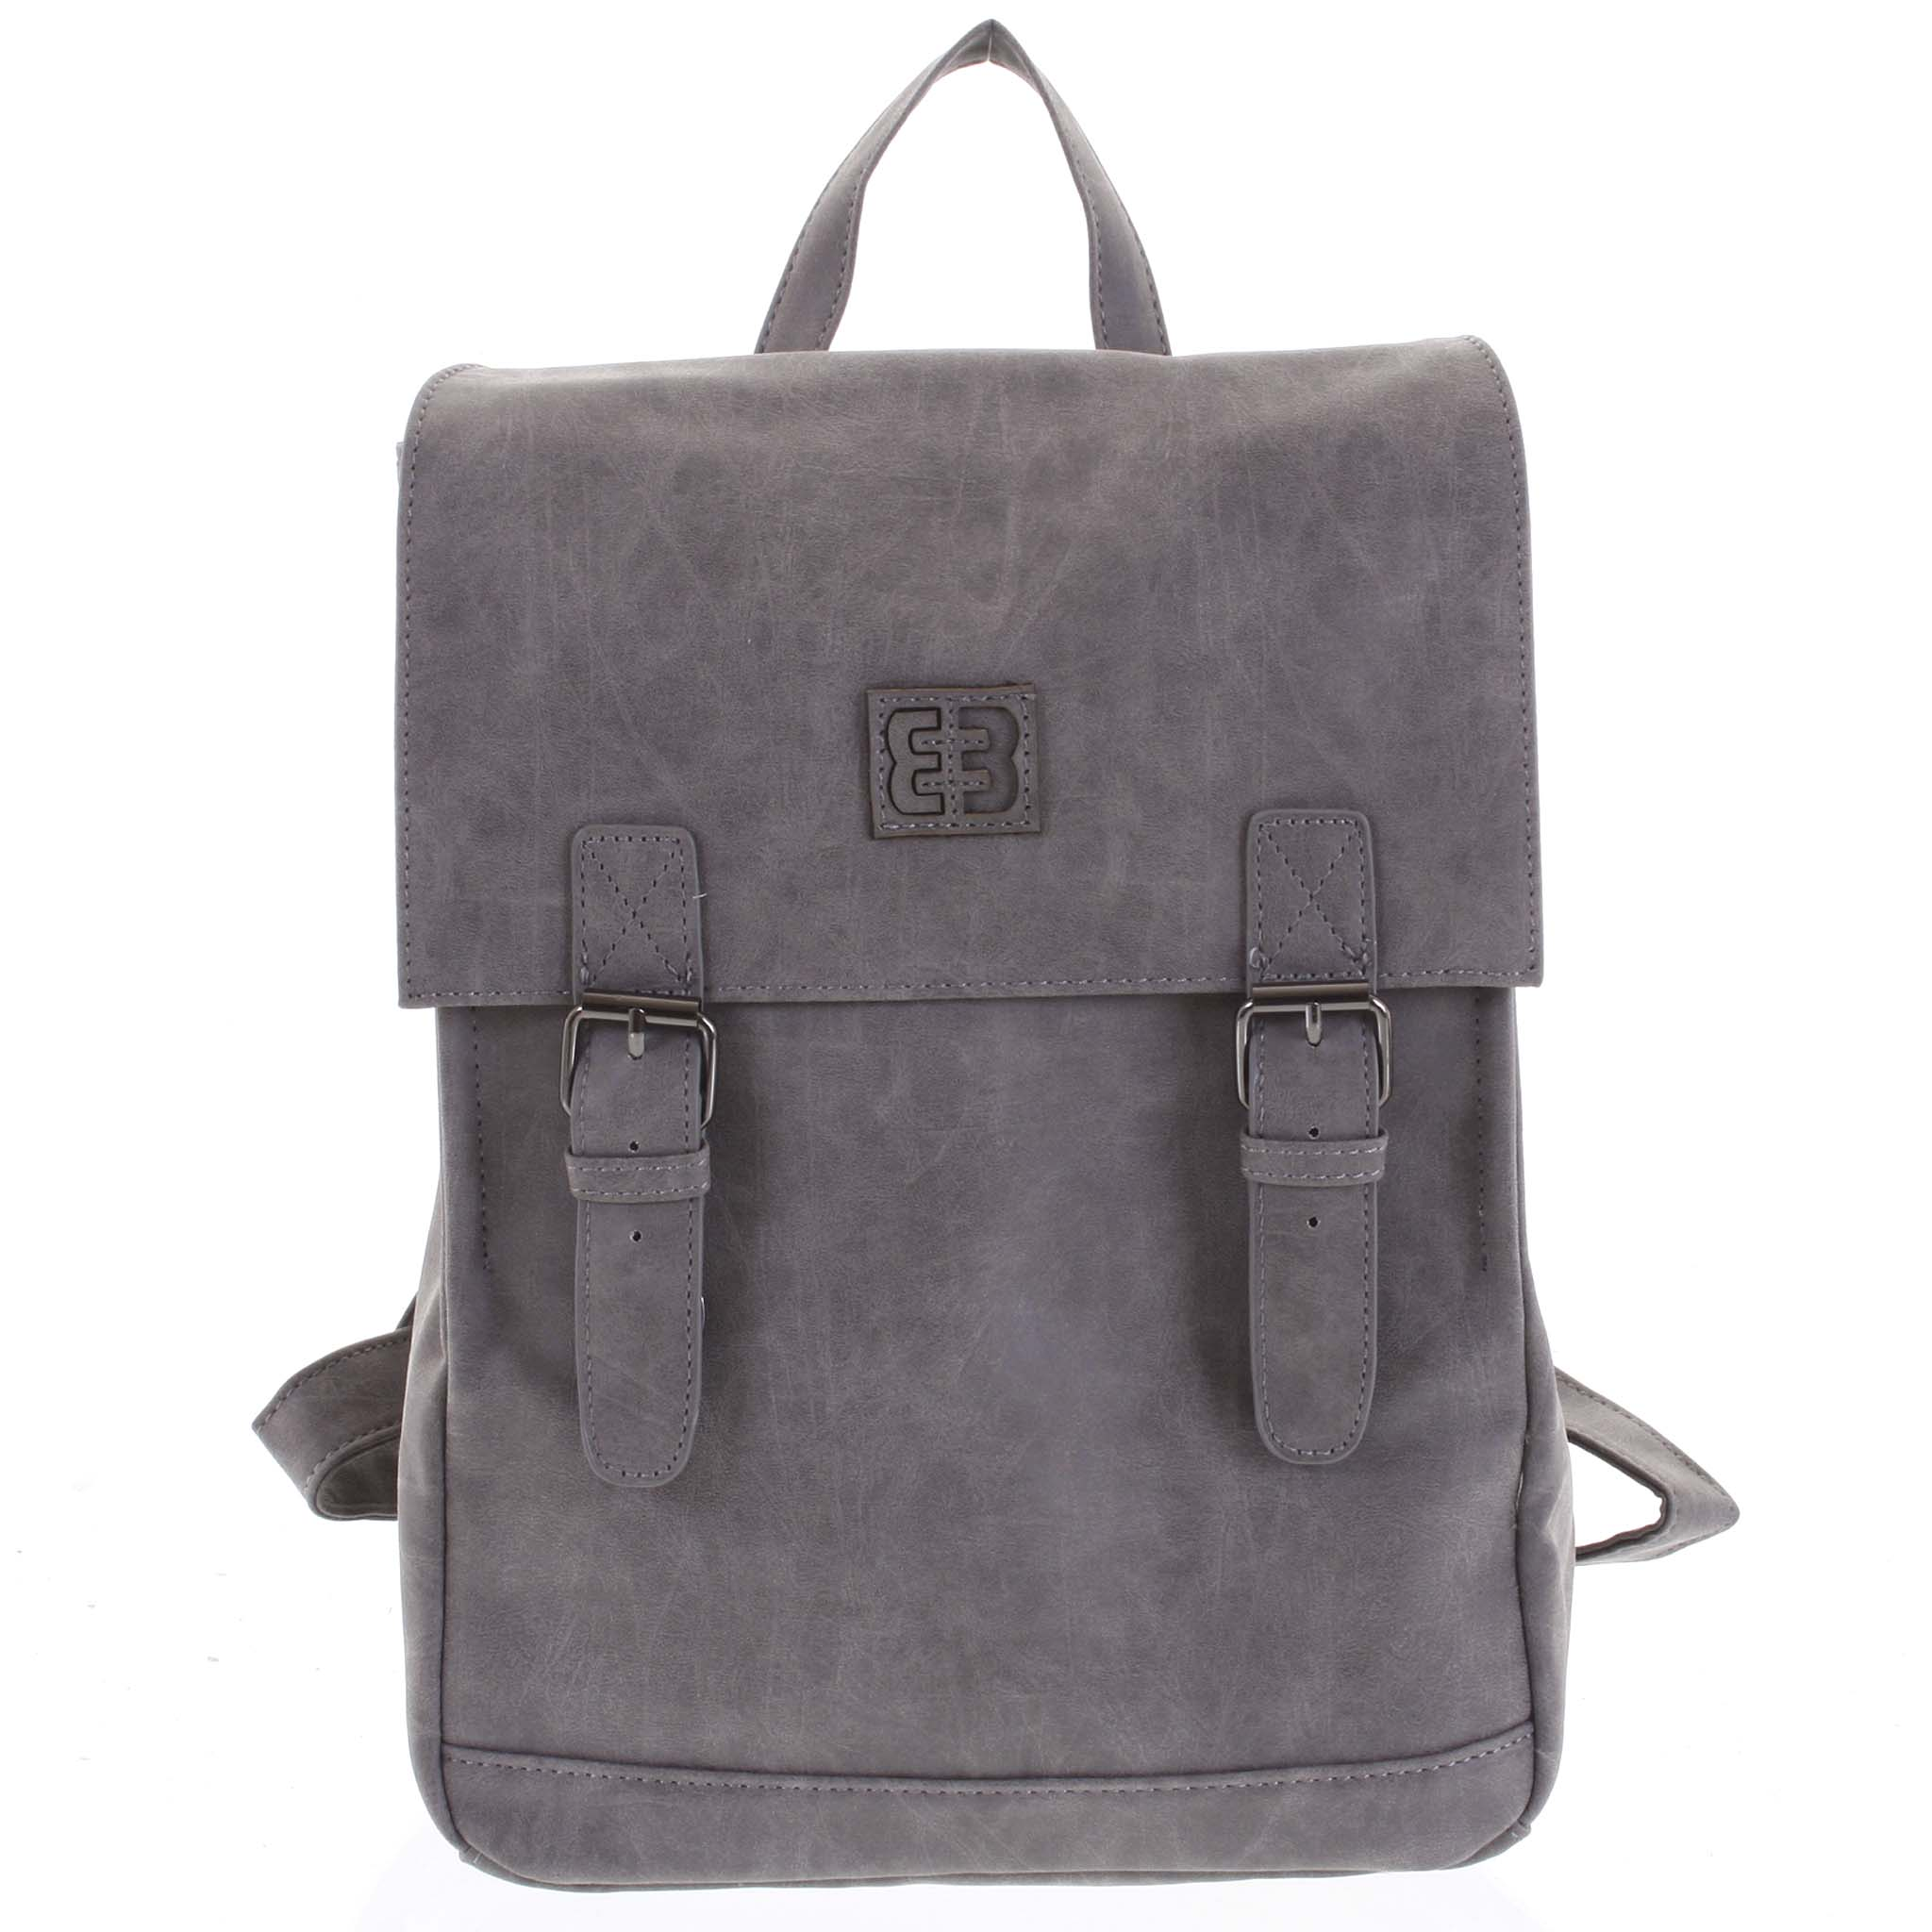 Módní stylový střední batoh tmavě šedý - Enrico Benetti Traverz